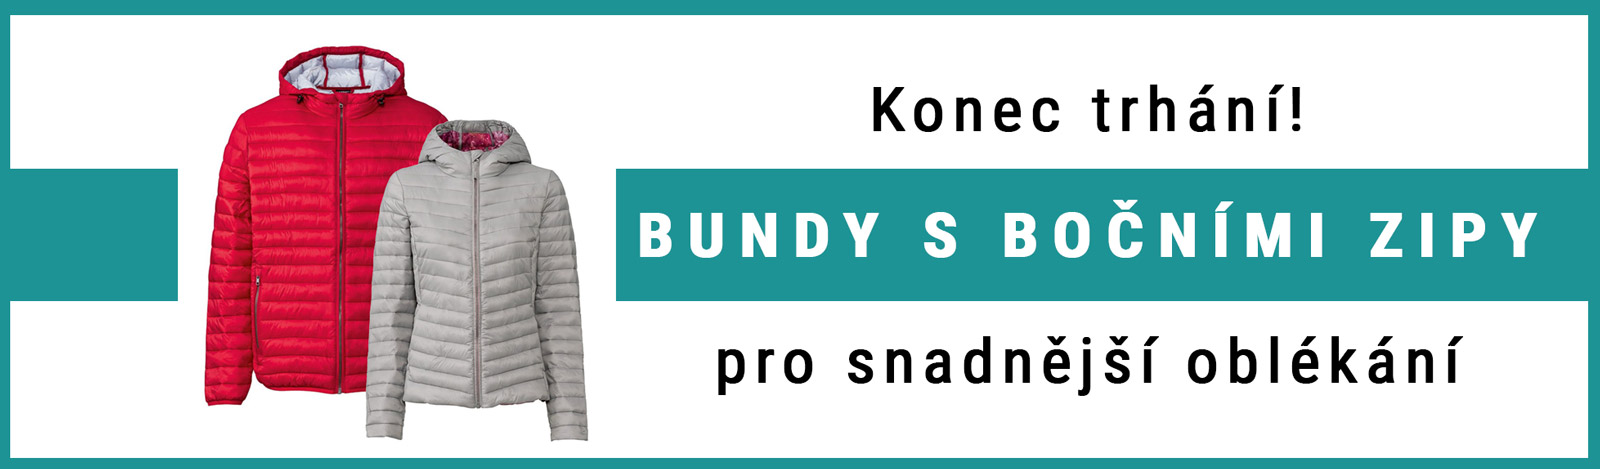 needo_bundy